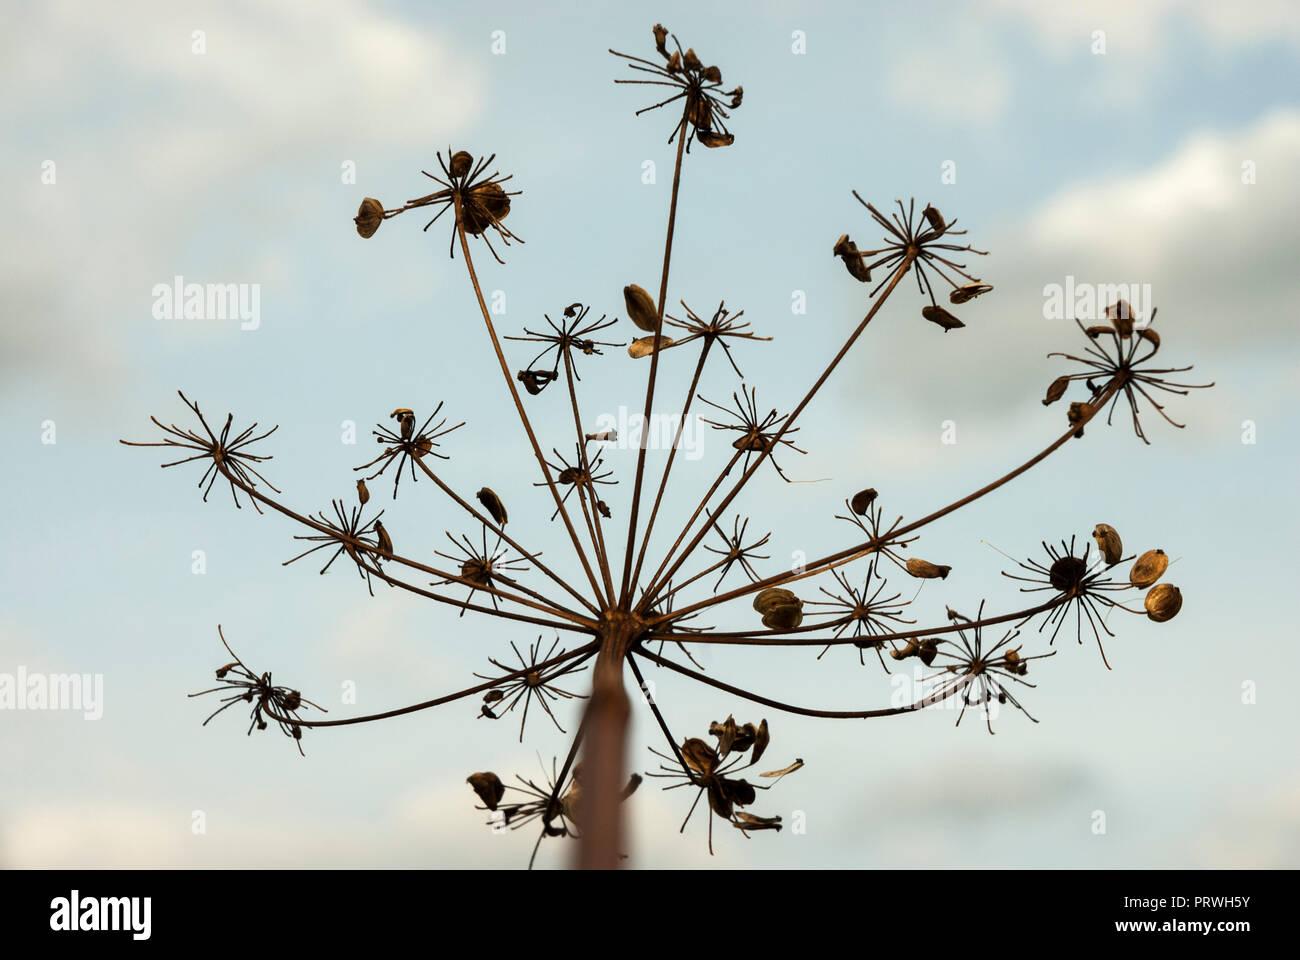 Graines de panais attachés à la tige de fleurs de panais contre un ciel bleu pâle. Photo Stock